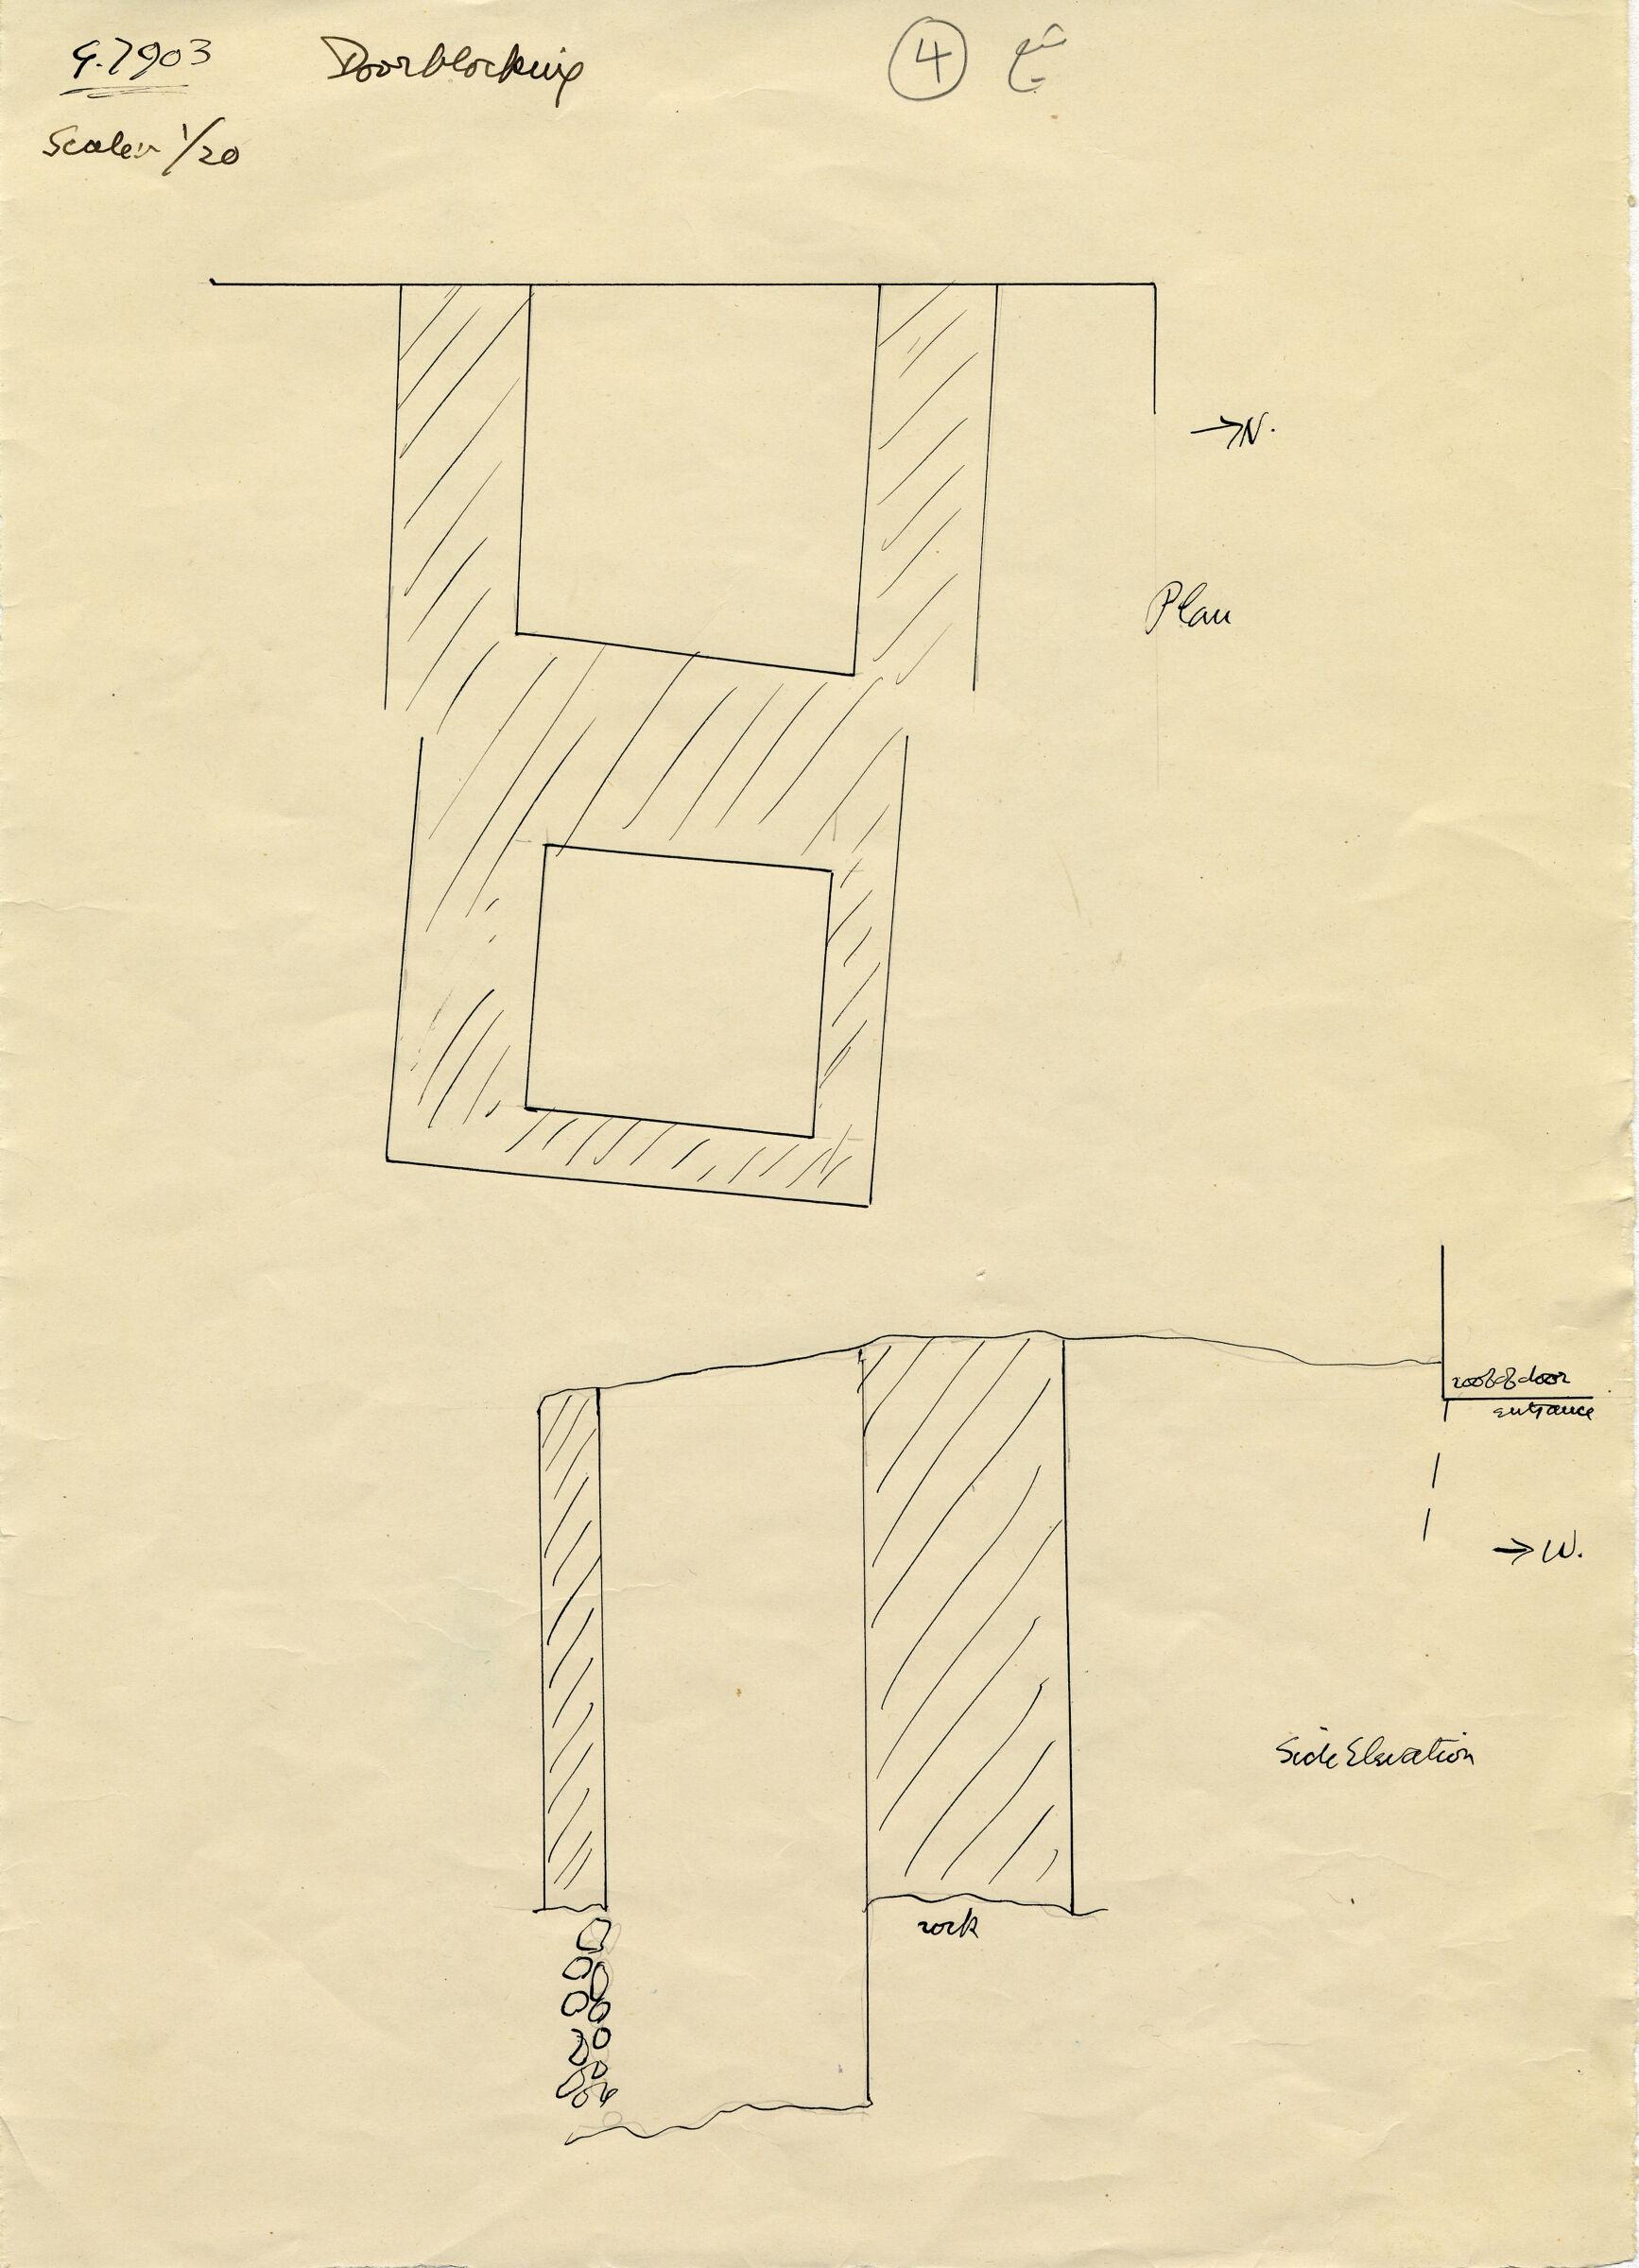 Maps and plans: G 7903, Door blocking